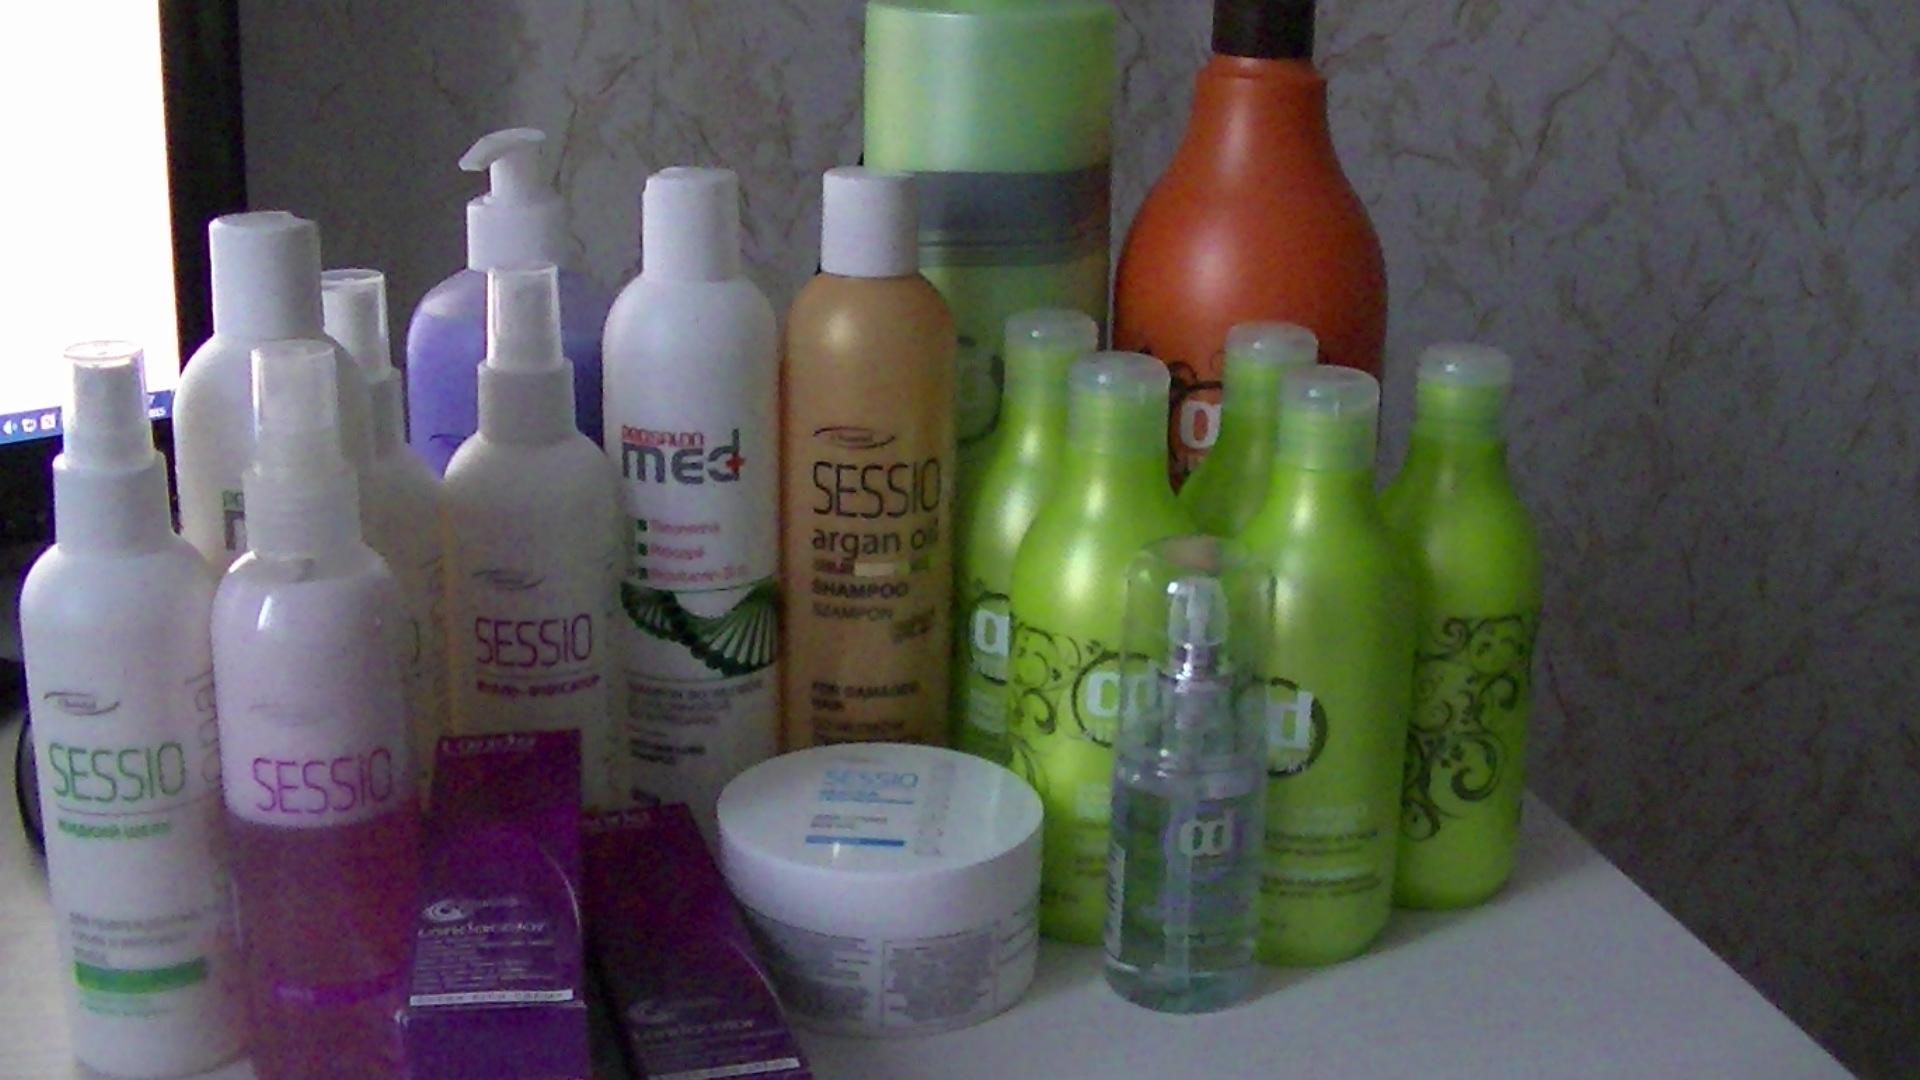 Просмотр темы - отзывы и хвасты по закупке проф. косметика для волос! * спшка - форум участников совместных покупок в кемеровско.